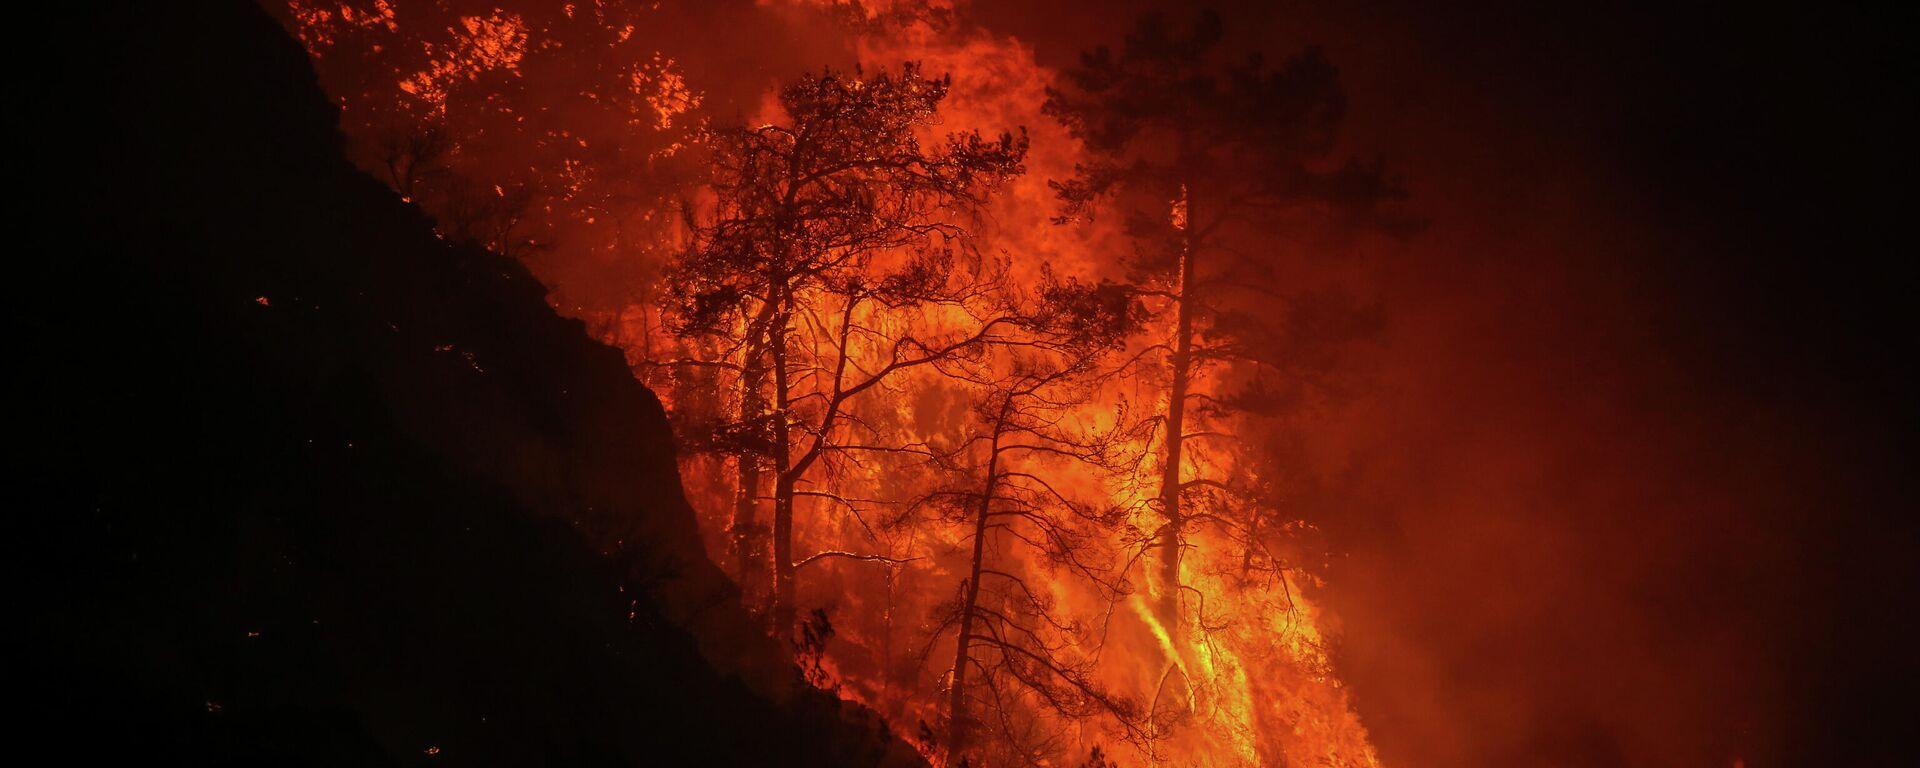 Шумски пожар  - Sputnik Србија, 1920, 04.08.2021